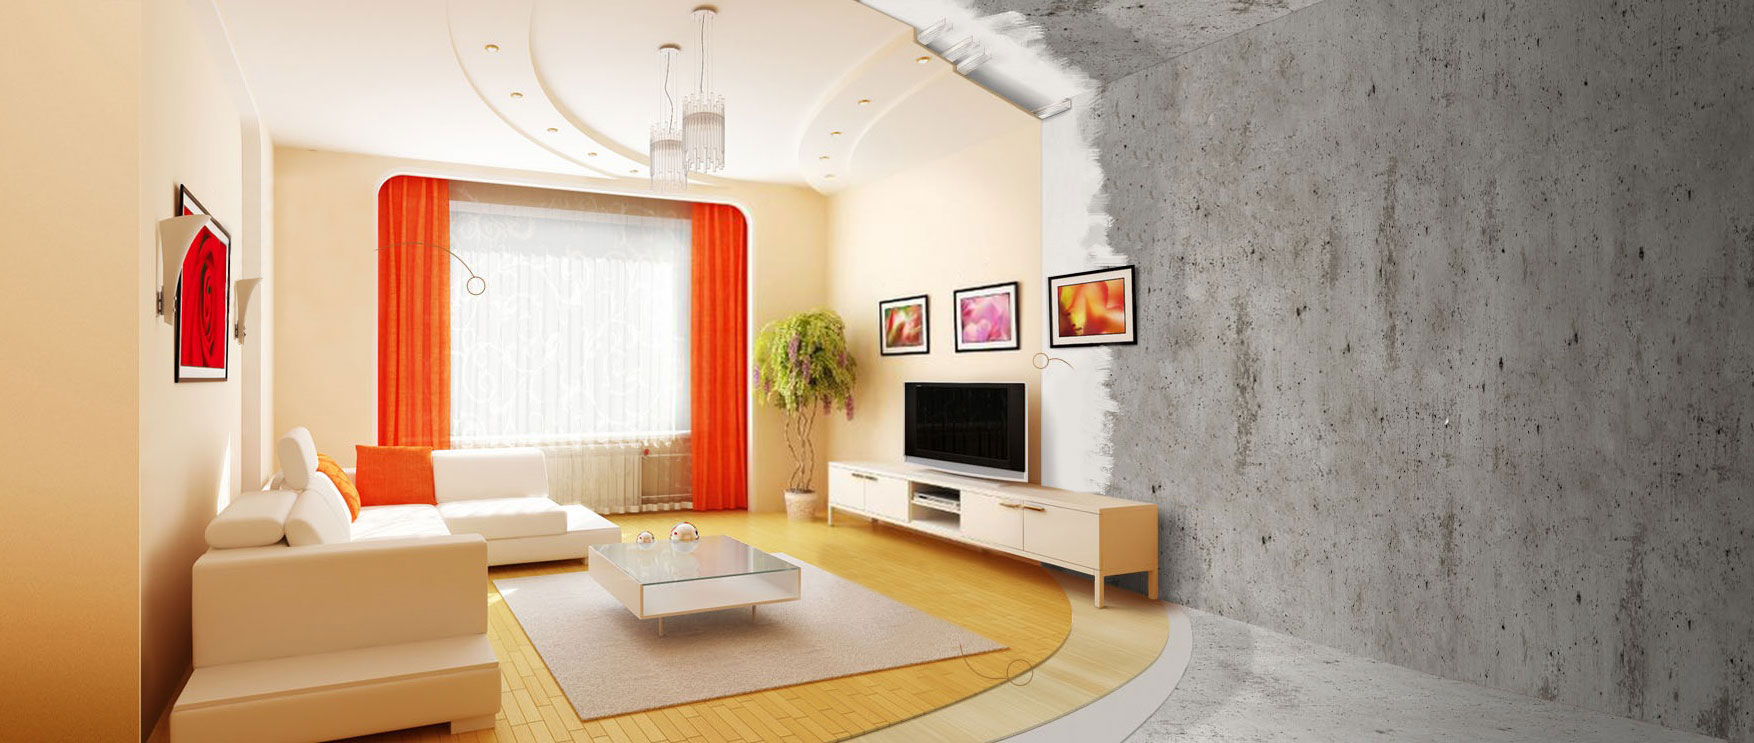 Отделка квартир под ключ Стоимость внутренней отделки